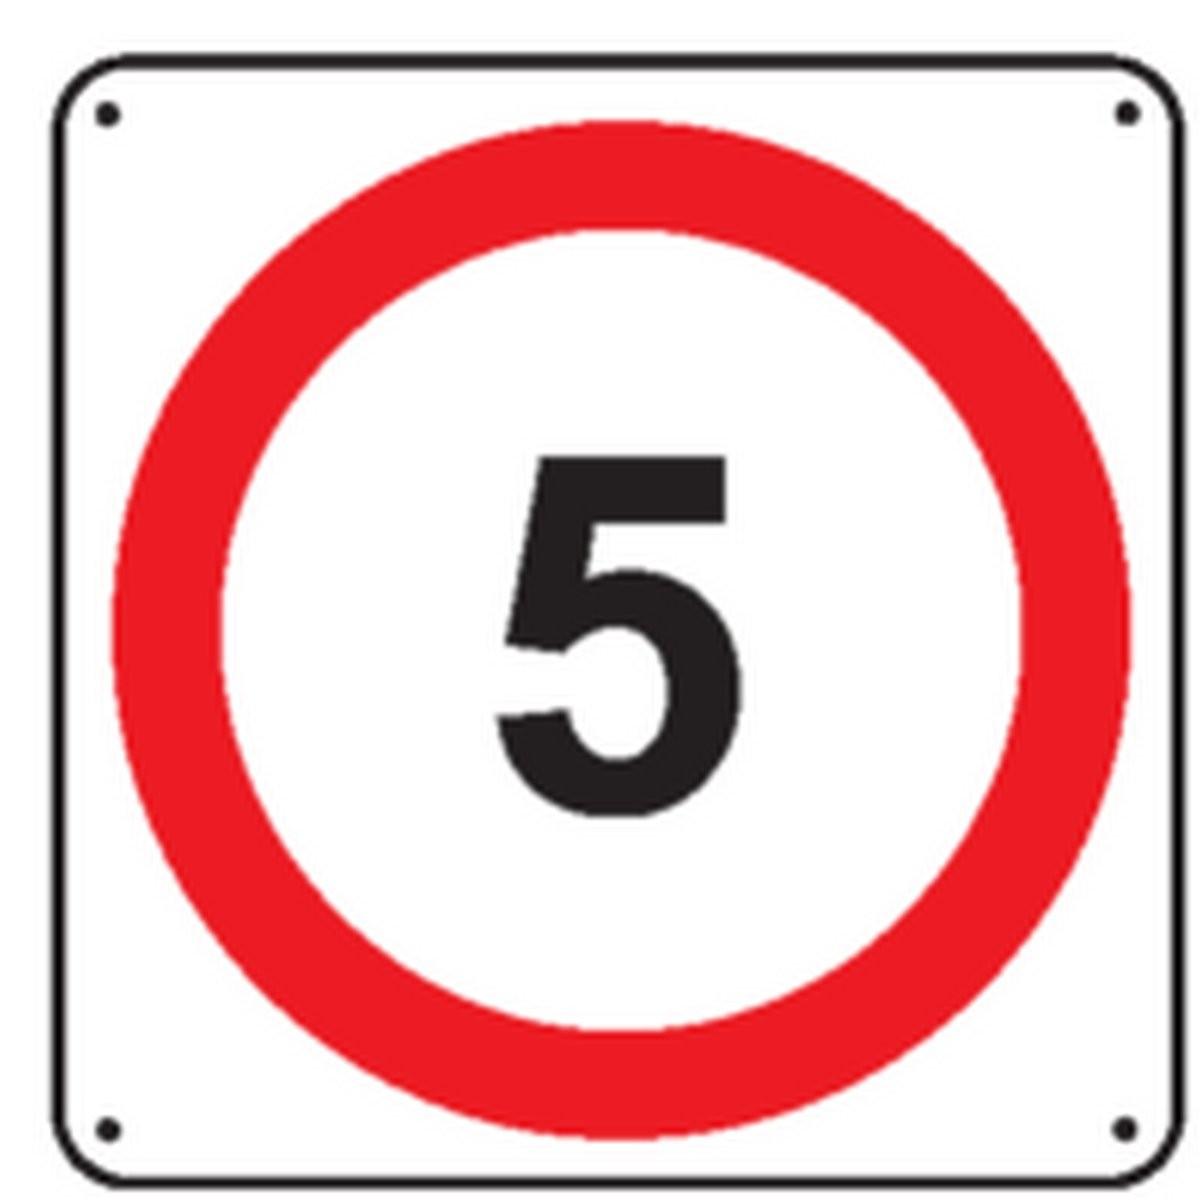 Panneau 5 Km/h renforcé pour poteau